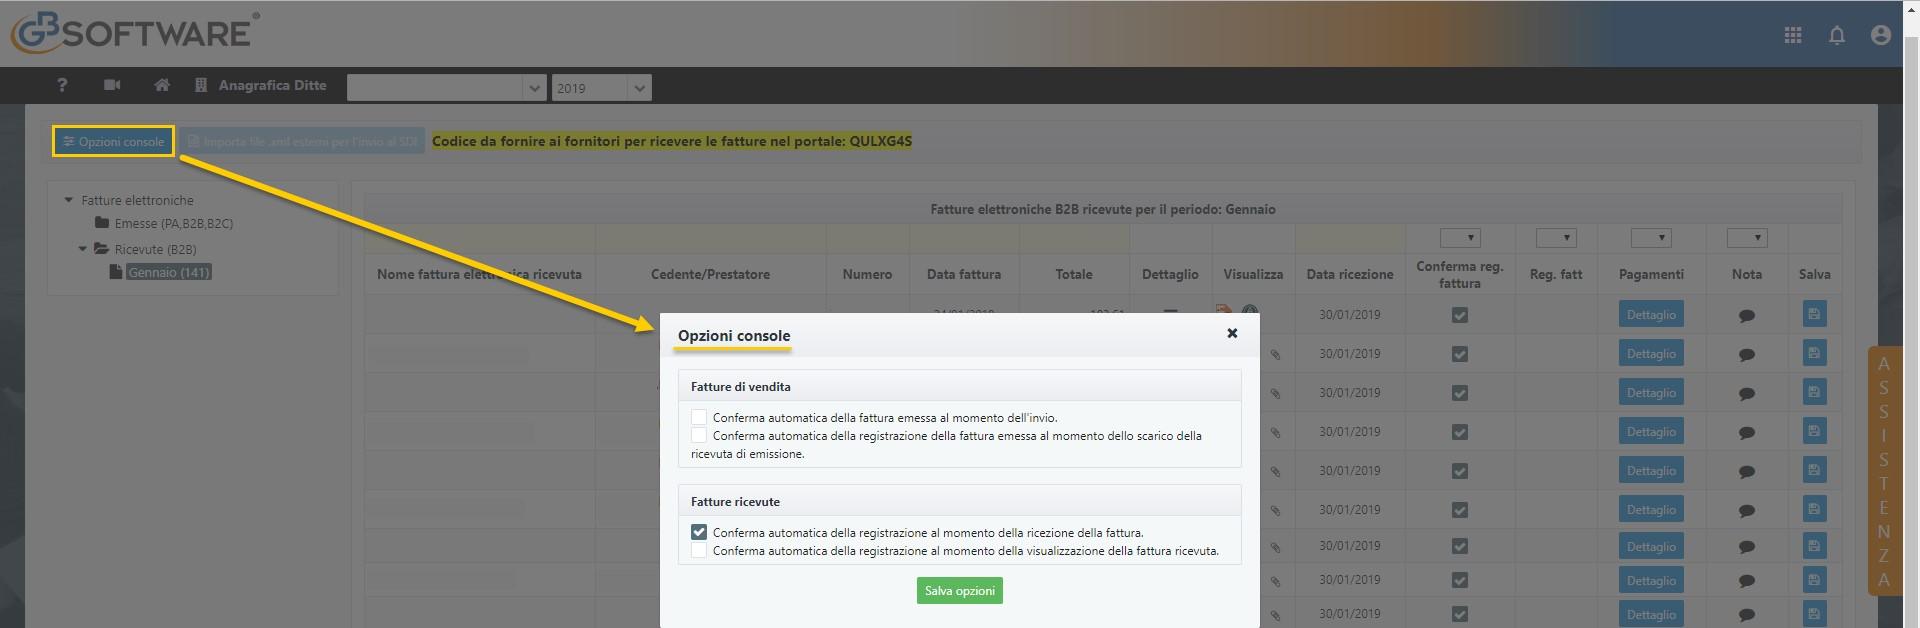 Fatturazione Elettronica: conferma e registrazione fatture cliente - 2